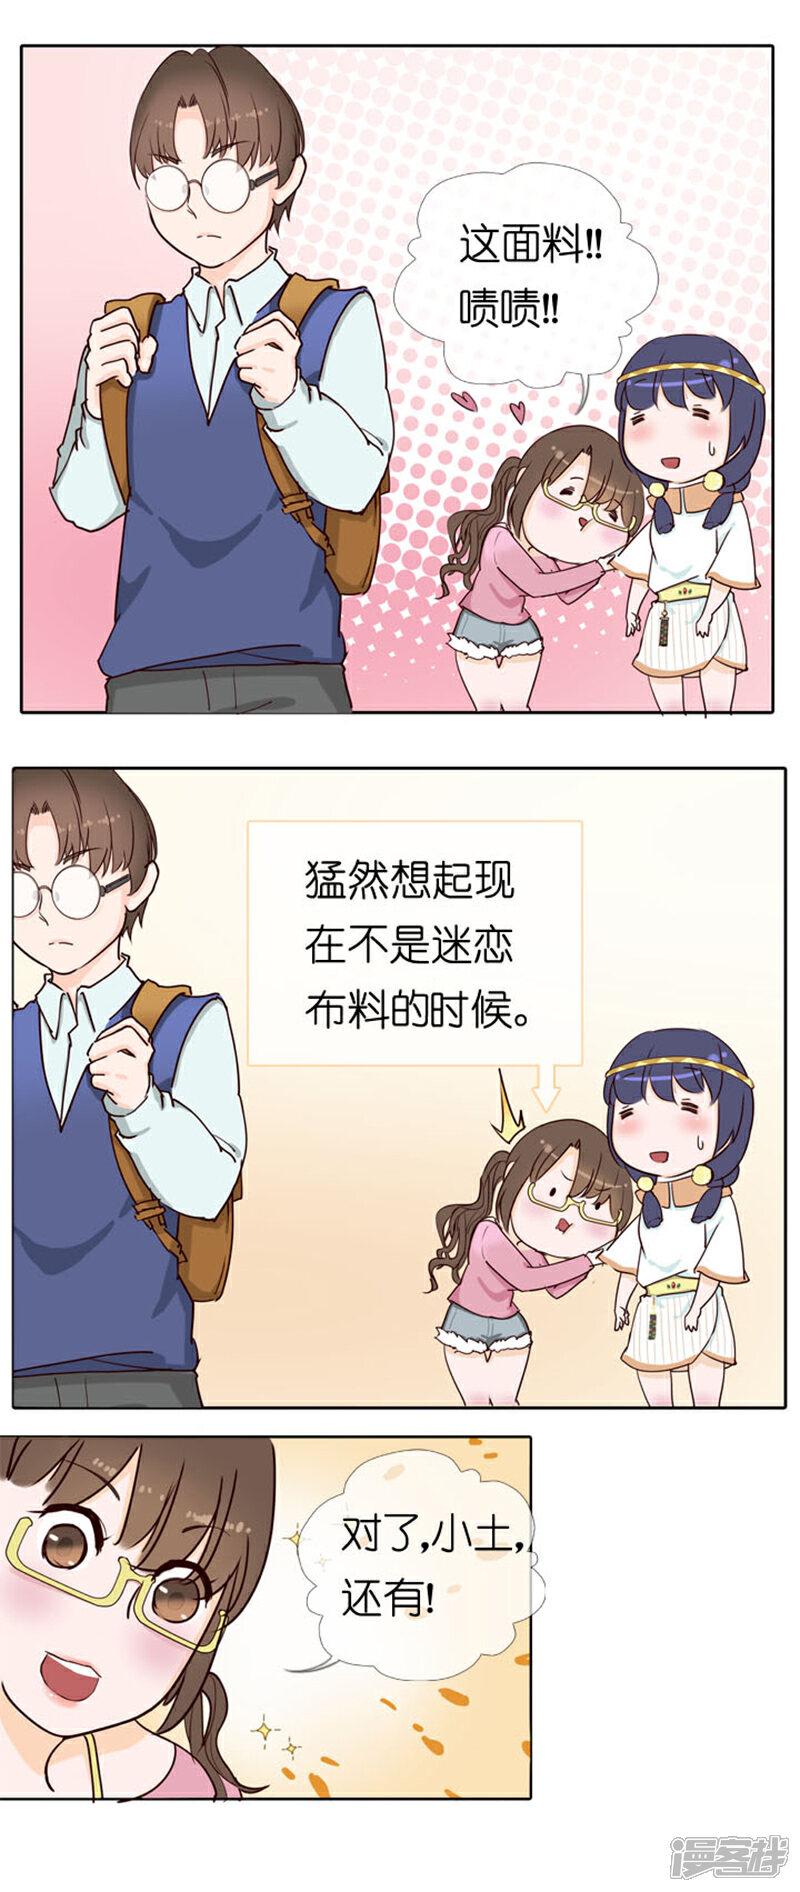 客栈帮帮忙漫画第2话-漫祖先漫画补牙图片